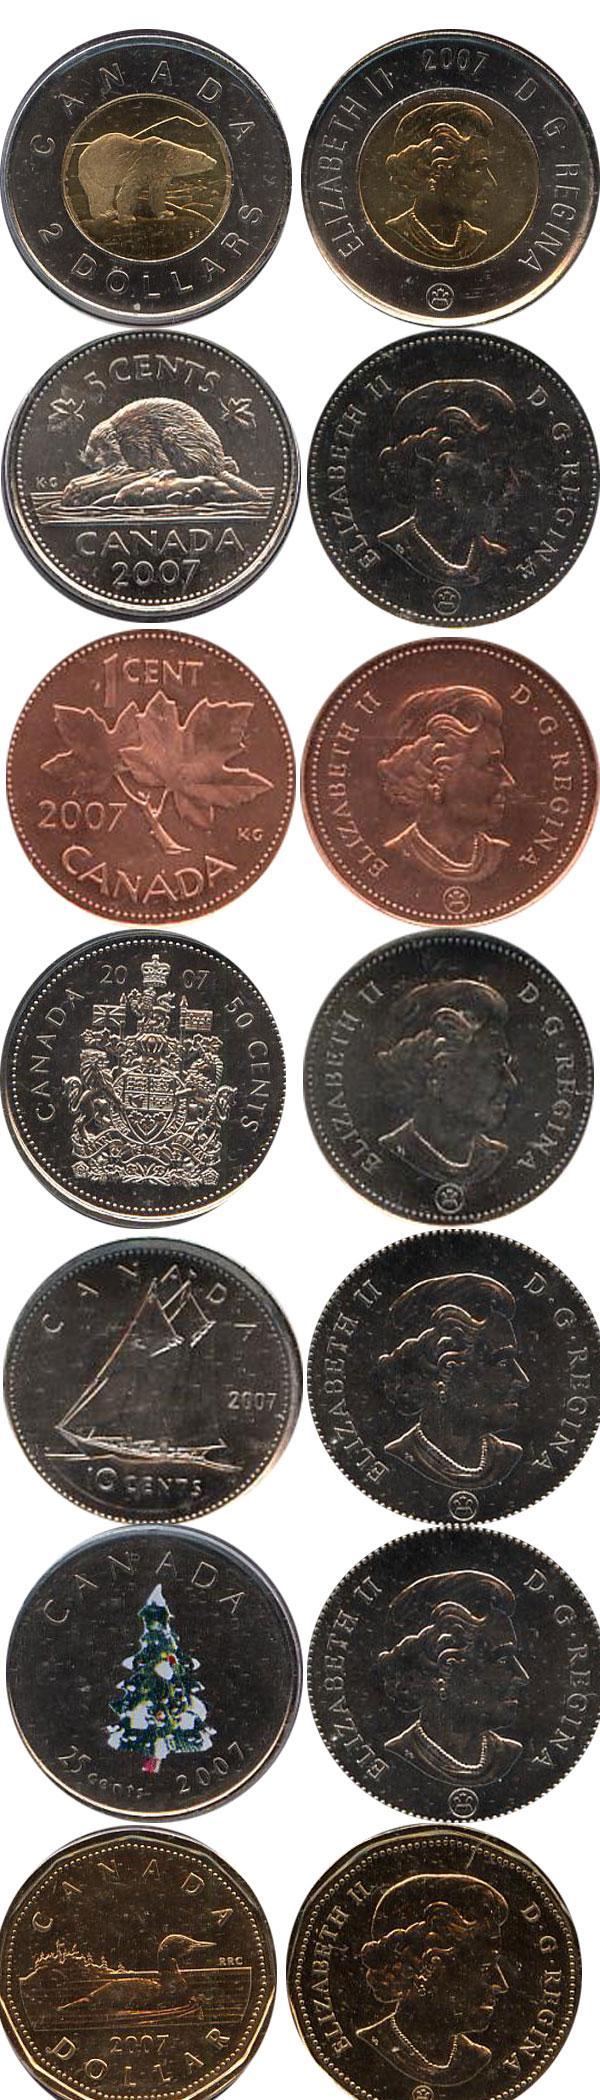 Каталог монет - Канада Зимняя сказка